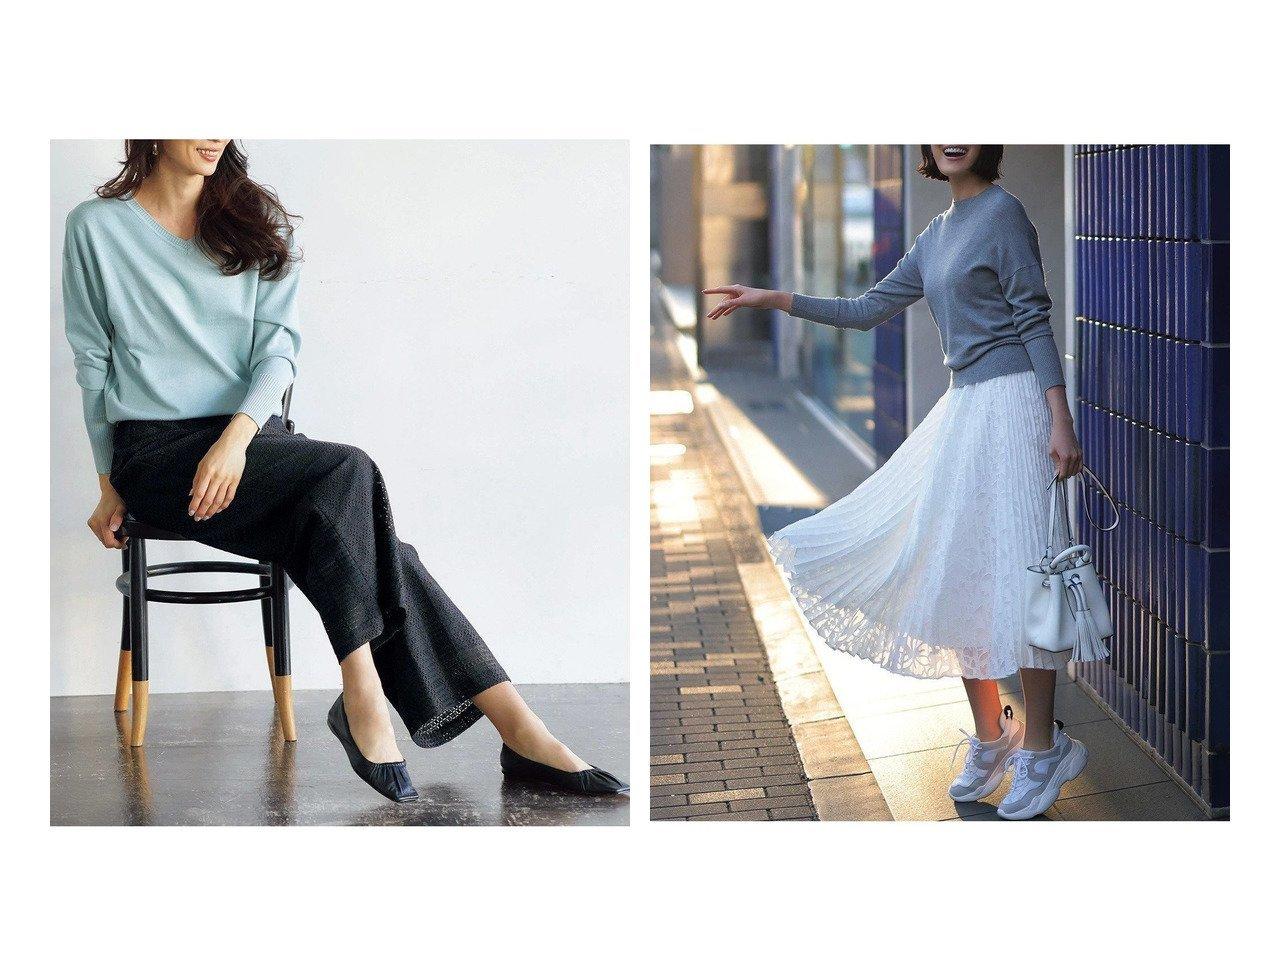 【DoCLASSE/ドゥクラッセ】のスクエアレース・ワイドパンツ&カットジャカード・プリーツスカート 40代、50代の女性におすすめ!人気トレンド・ファッションの通販 おすすめで人気の流行・トレンド、ファッションの通販商品 メンズファッション・キッズファッション・インテリア・家具・レディースファッション・服の通販 founy(ファニー) https://founy.com/ ファッション Fashion レディースファッション WOMEN パンツ Pants スカート Skirt プリーツスカート Pleated Skirts スクエア チェック フェミニン レース ワイド ジャカード プリーツ |ID:crp329100000028115